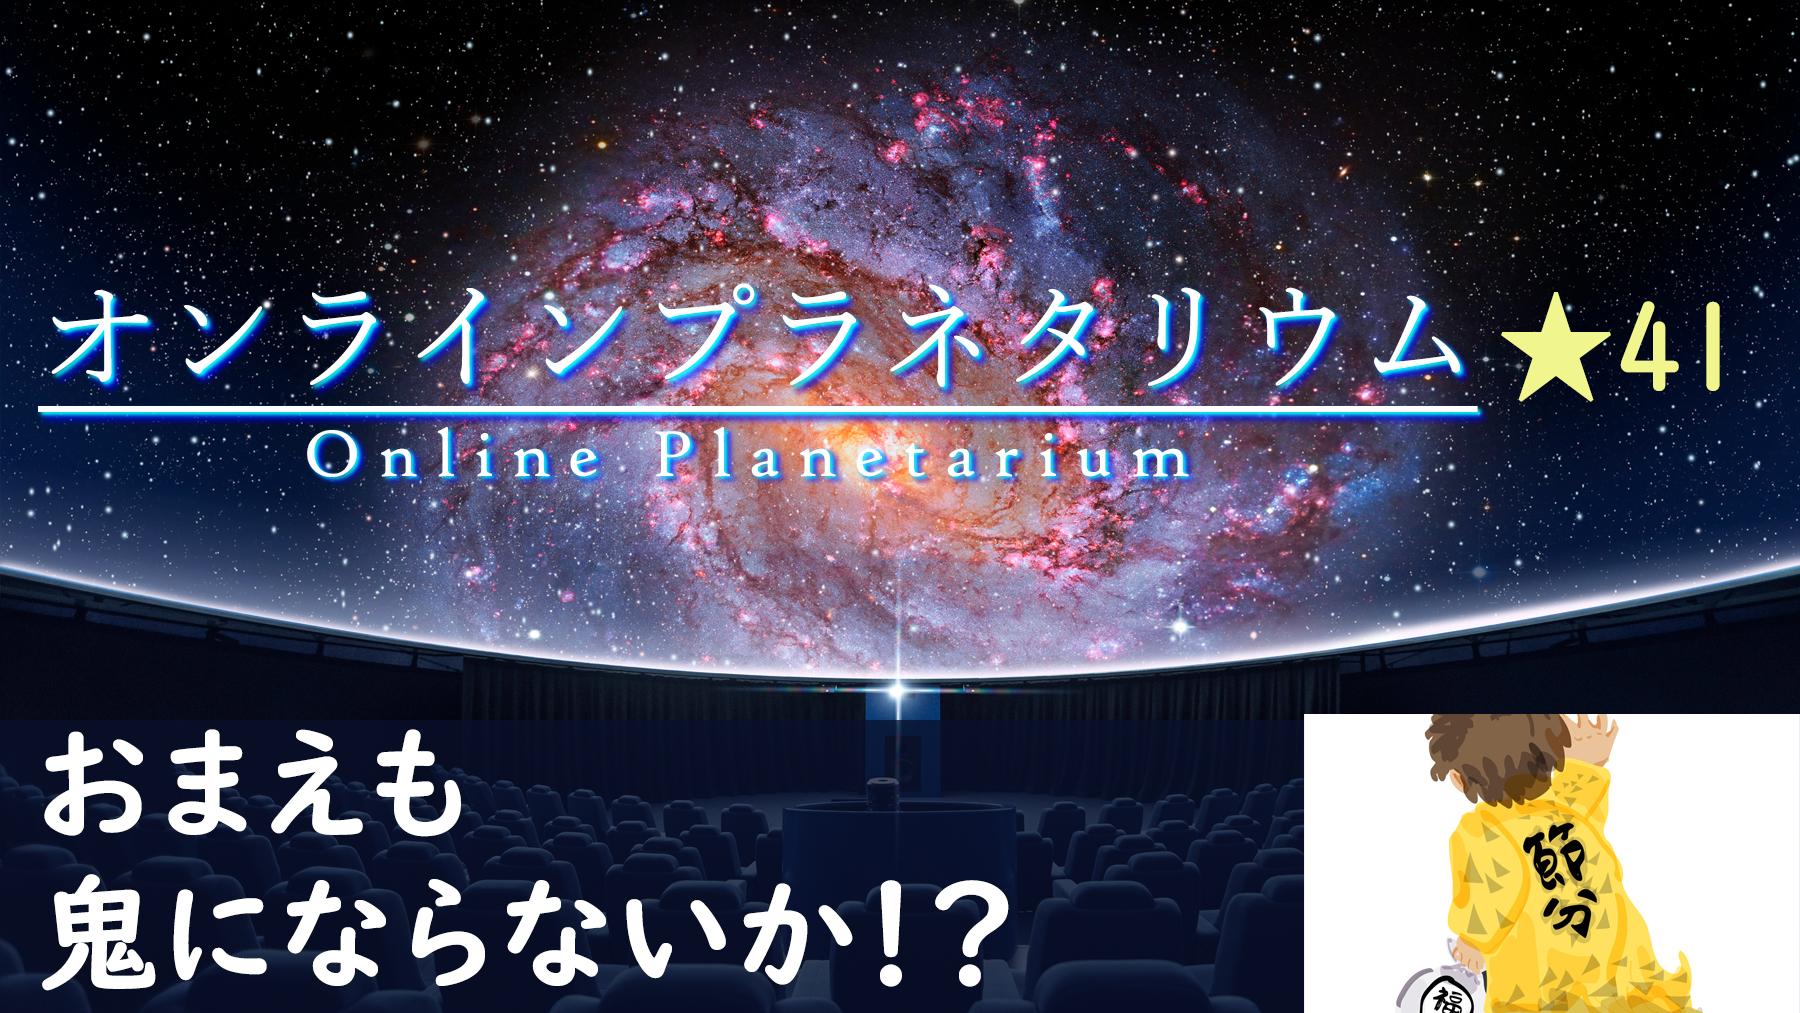 プラネタリウム オンライン